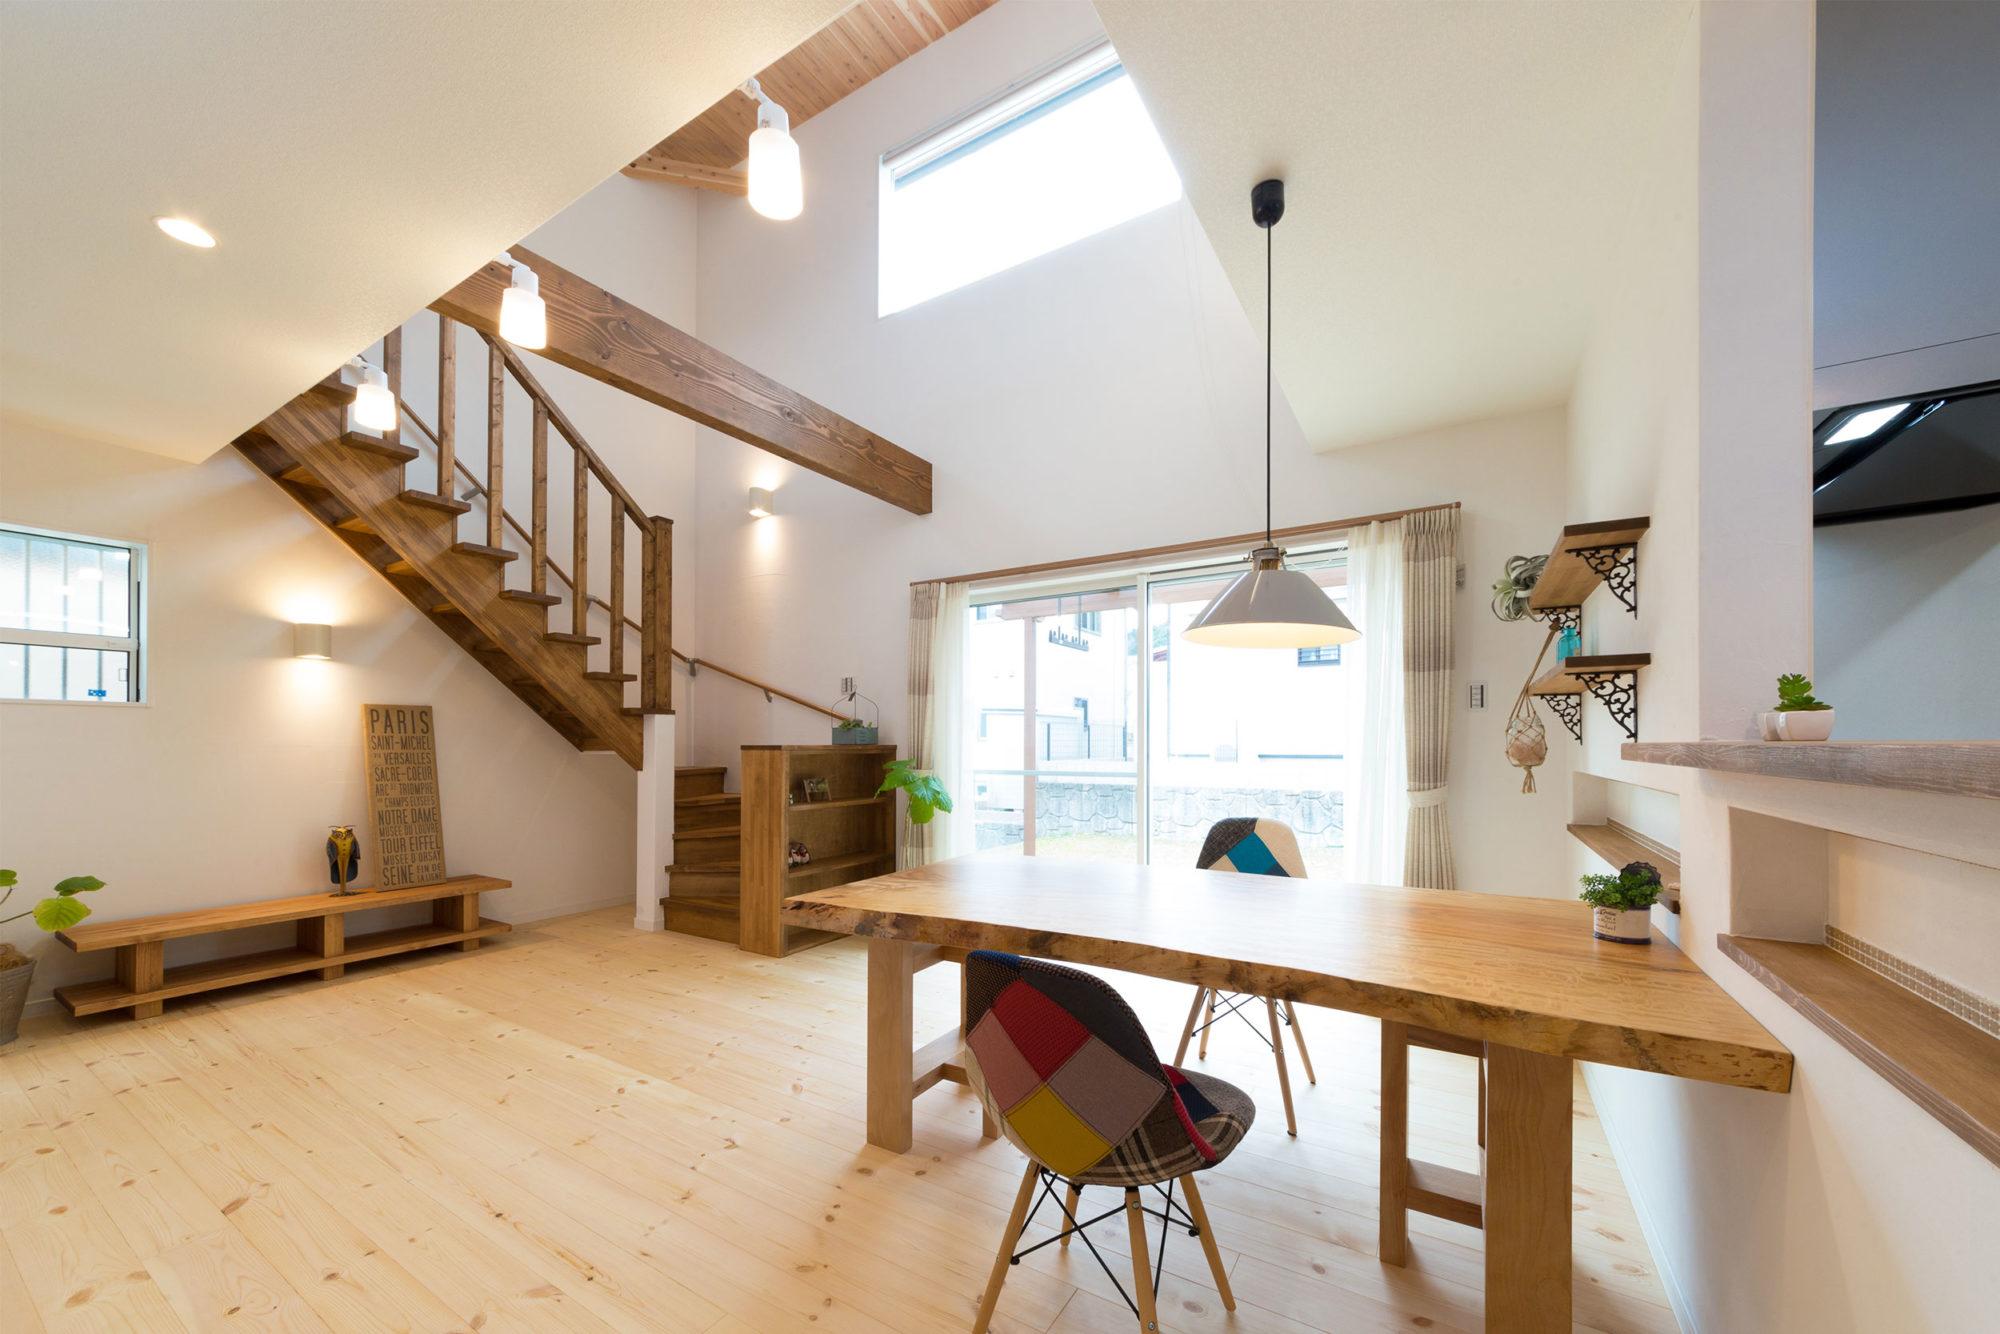 ストリップ階段のあるお家